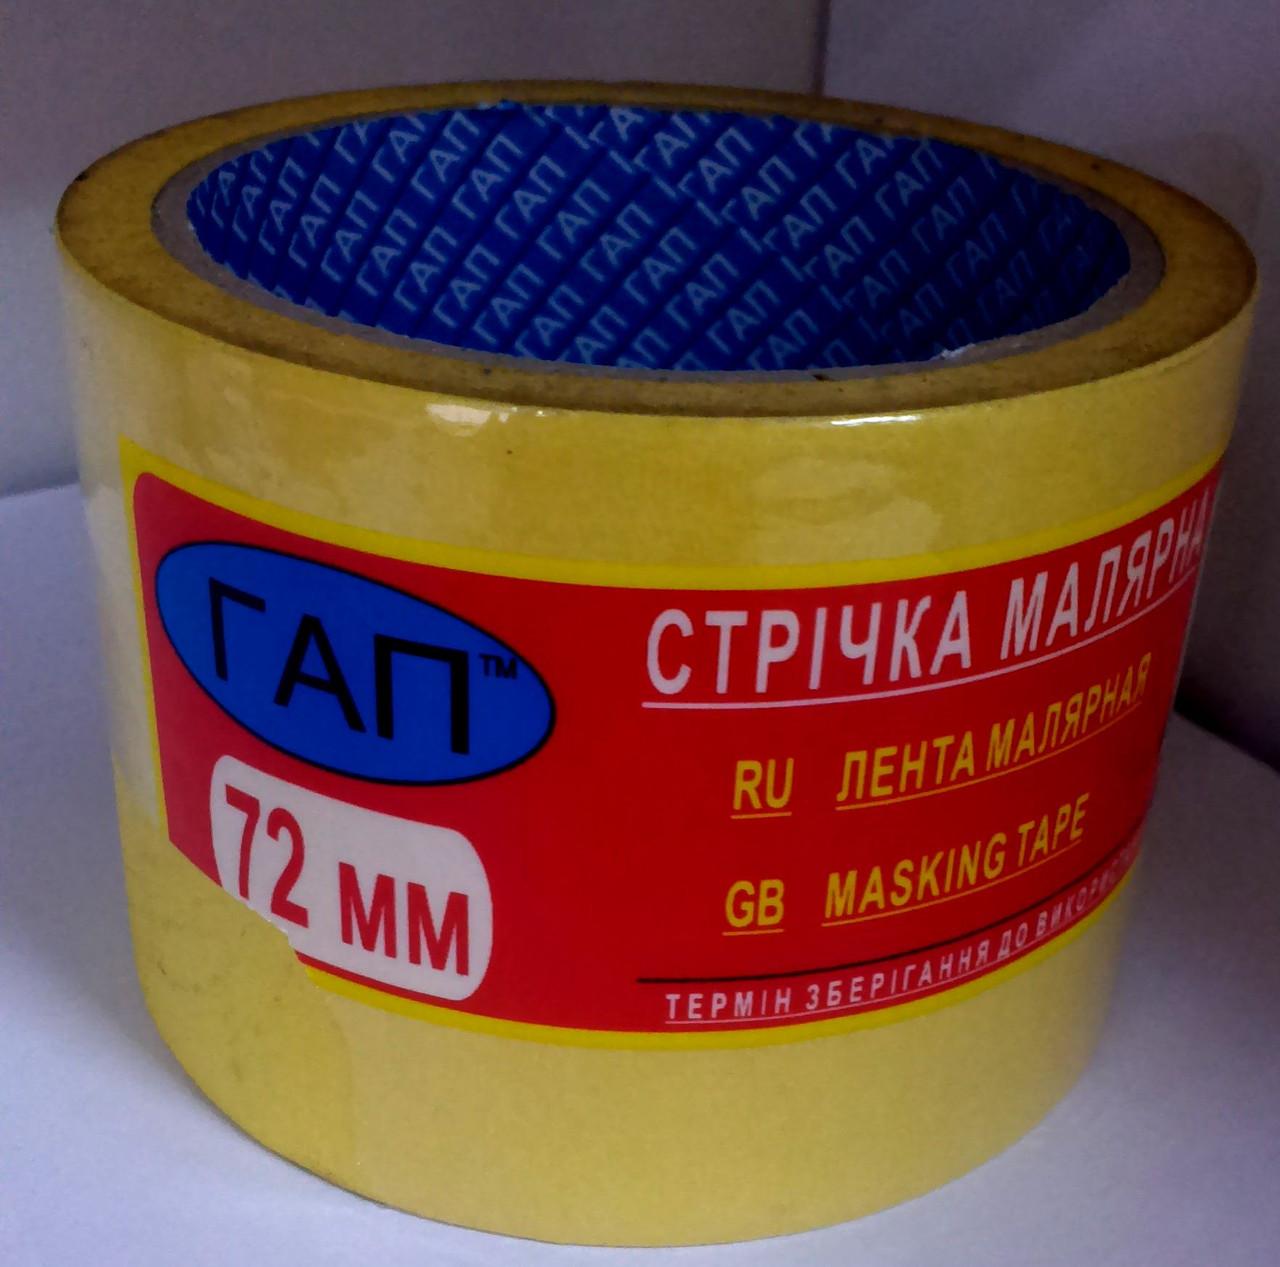 Лента малярная  ГАП  72 мм х 20 м (жёлтая)